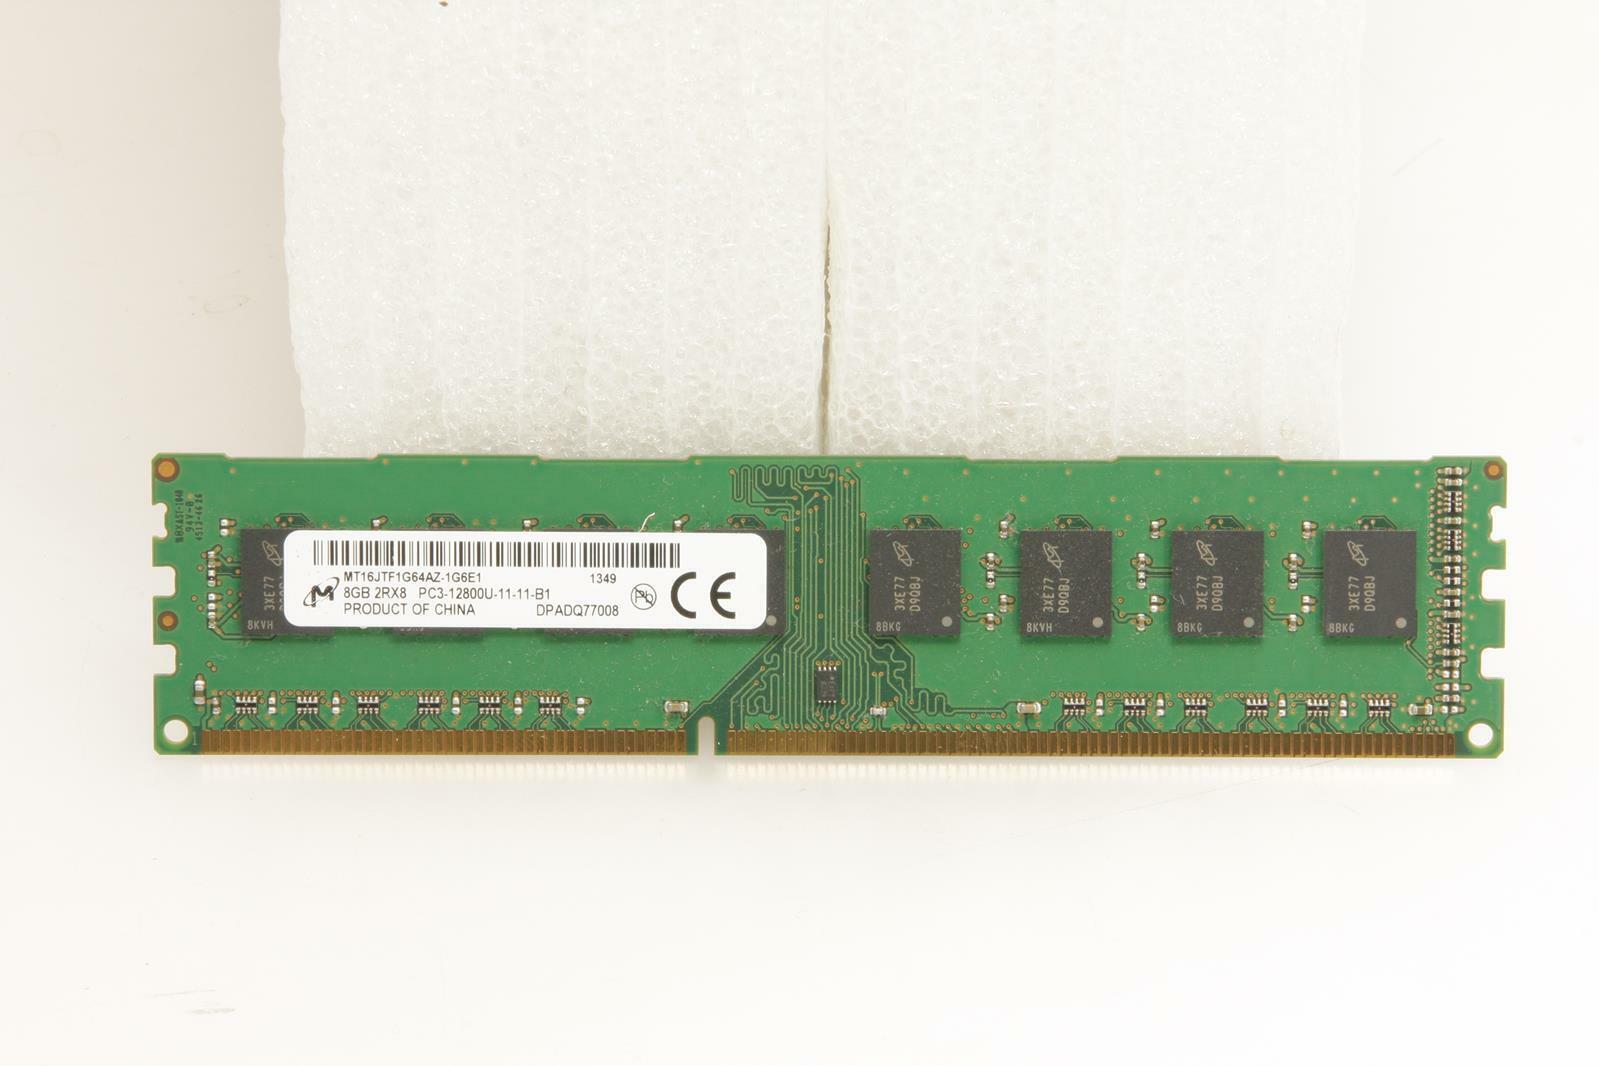 Memory//RAM MICRON 8GB 1x8GB DDR3-1600 MT16JTF1G64AZ-1G6E1 DIMM Desktop 240pin